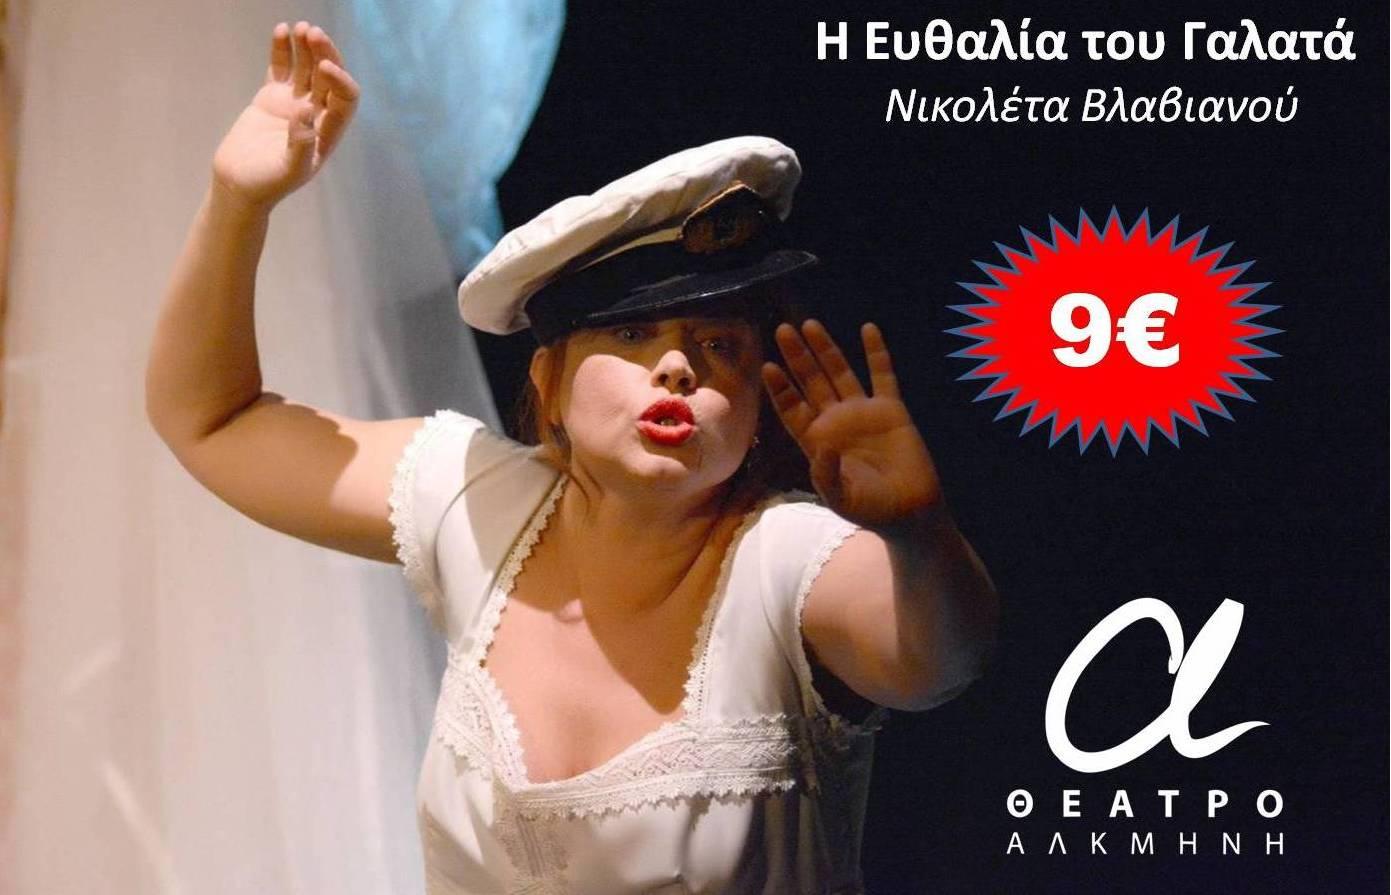 9€ από 18€ για είσοδο στο συγκλονιστικό μονόλογο ''H Ευθαλία του Γαλατά'', με τη Νικολέτα Βλαβιανού, σε σκηνοθεσία Ρέϊνας Εσκενάζυ, στο θέατρο Αλκμήνη! 2η σεζόν επιτυχίας για μια παράσταση που ύμνησαν κοινό και κριτικοί! ΜΟΝΟ ΓΙΑ 5 ΠΑΡΑΣΤΑΣΕΙΣ!